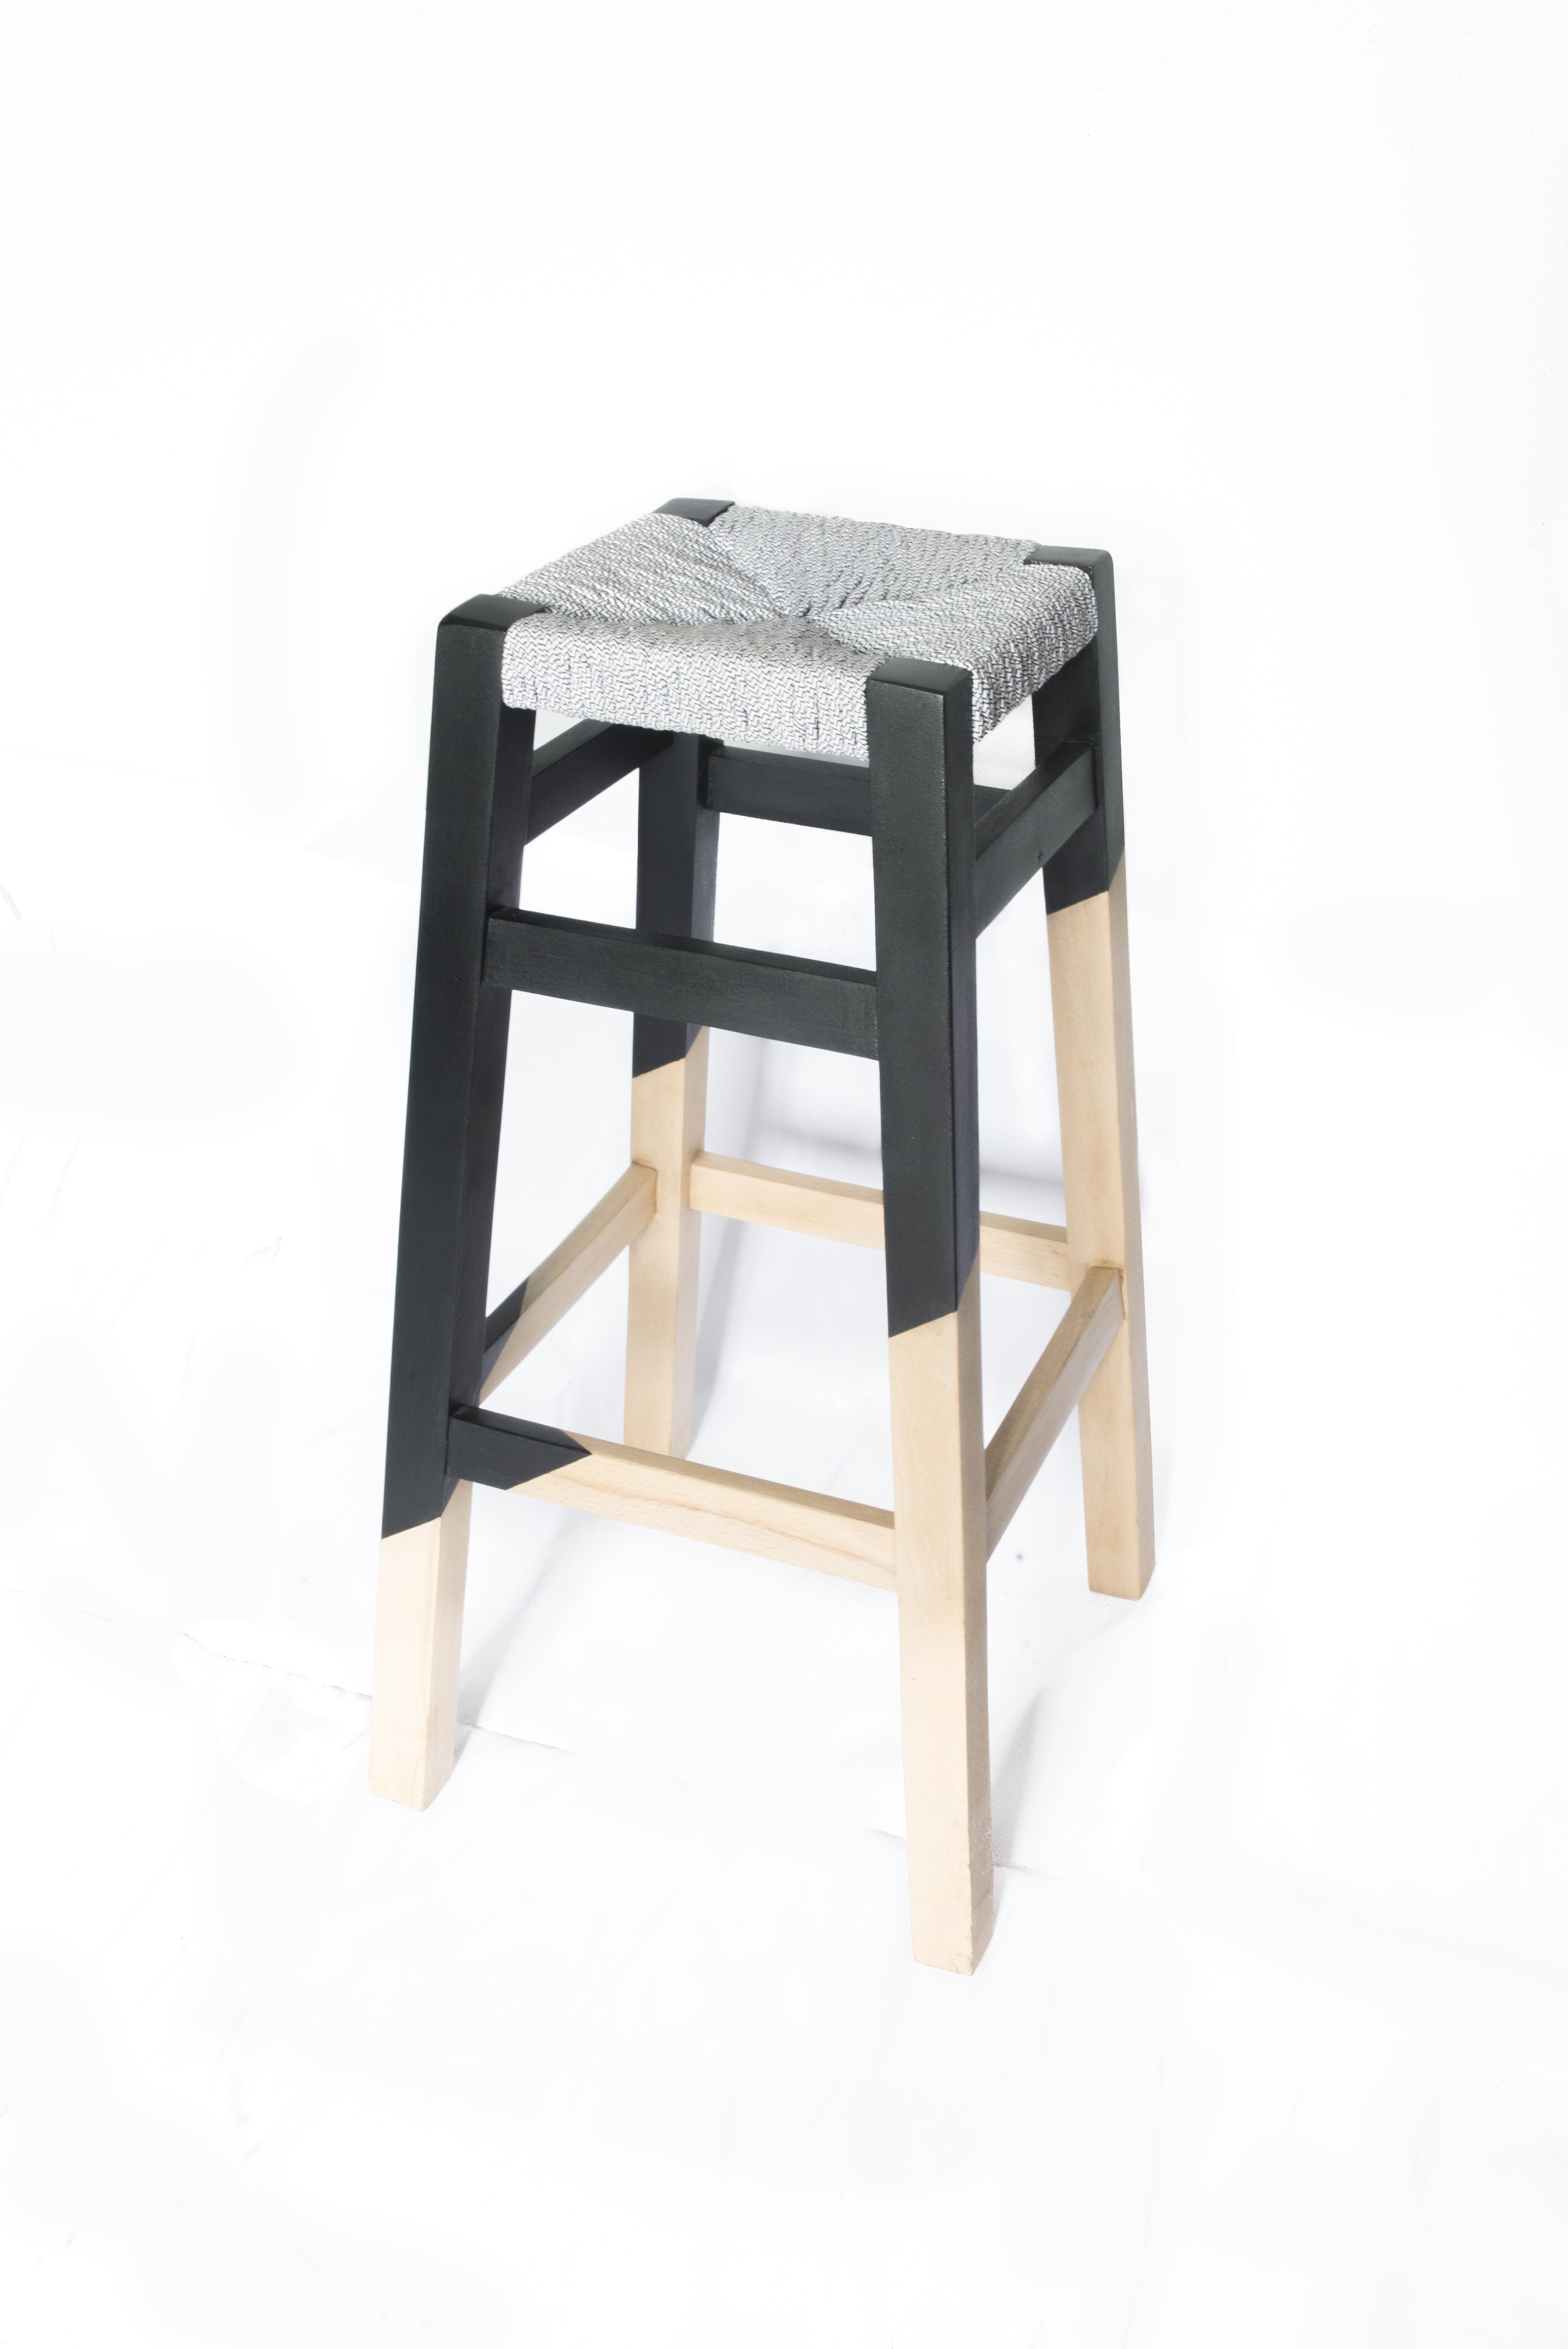 wood is folies tabouret geometrique rempaillage en torons de tissus peinture assymetrique noir finition cirée fond blanc canteleu rouen normandie